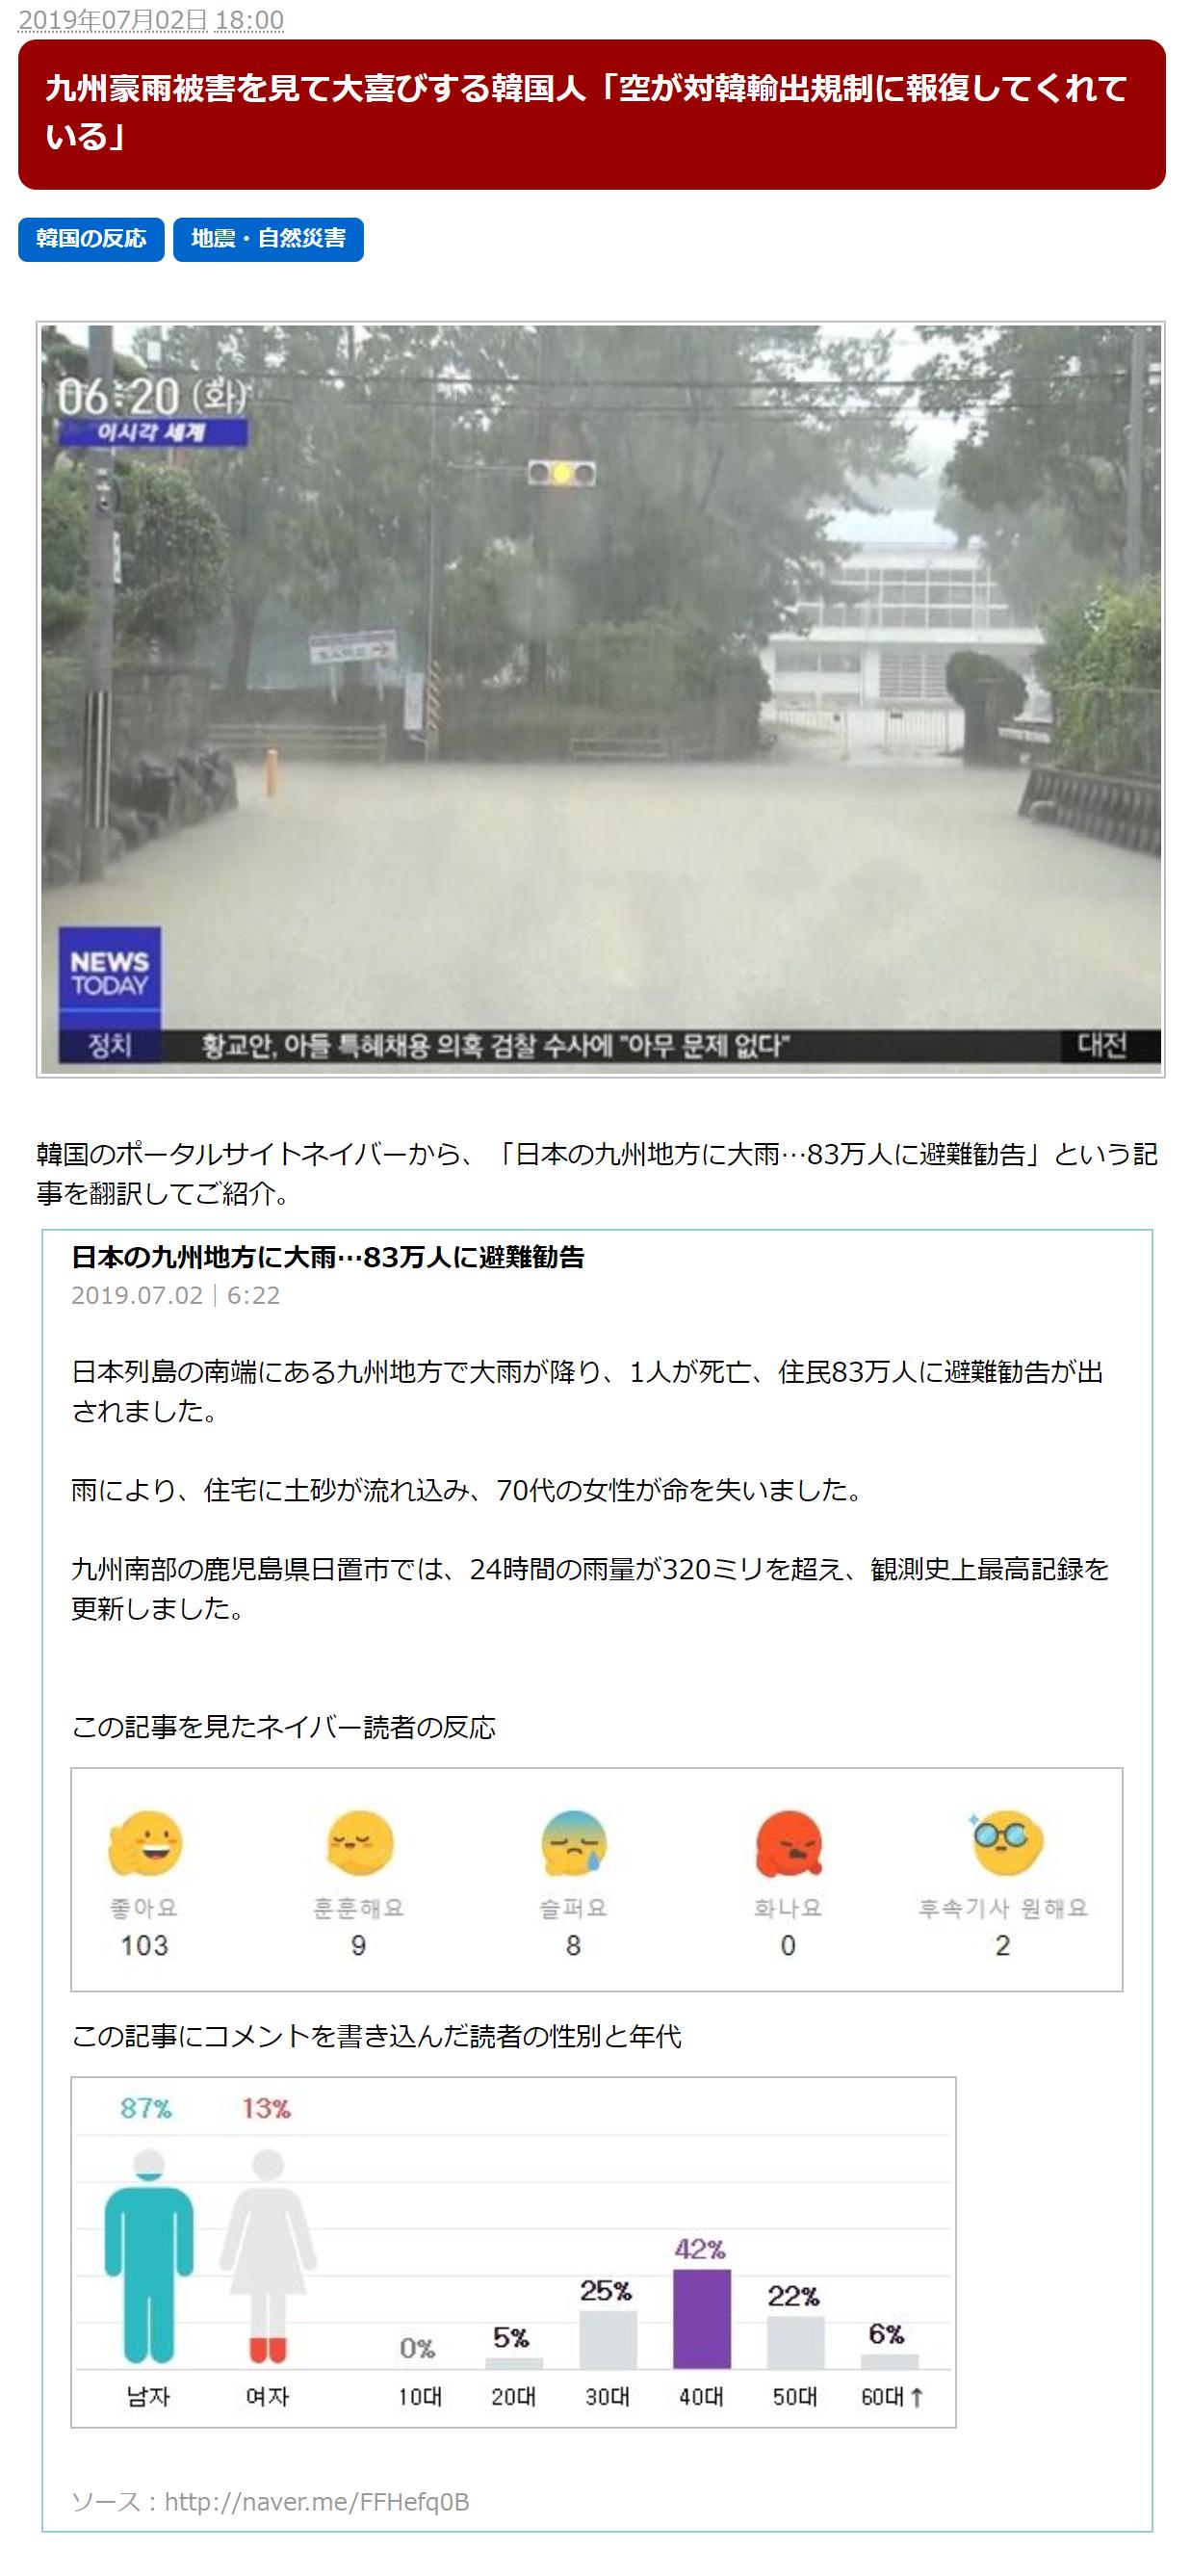 九州の豪雨被害に歓喜する朝鮮人達1